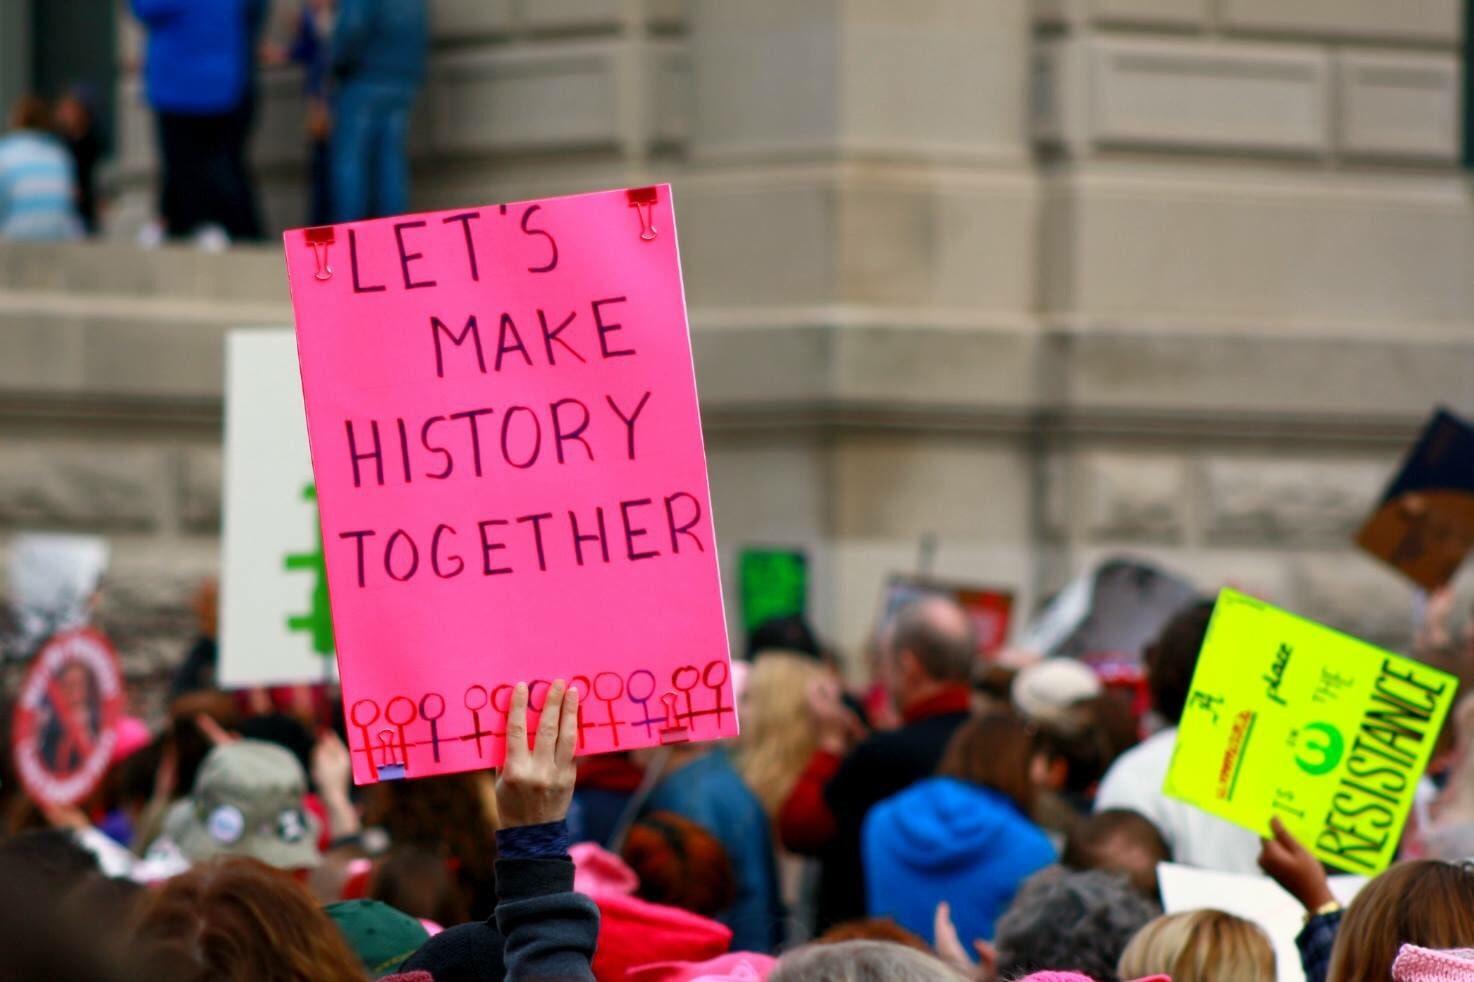 pancarte incitant à créer l'histoire